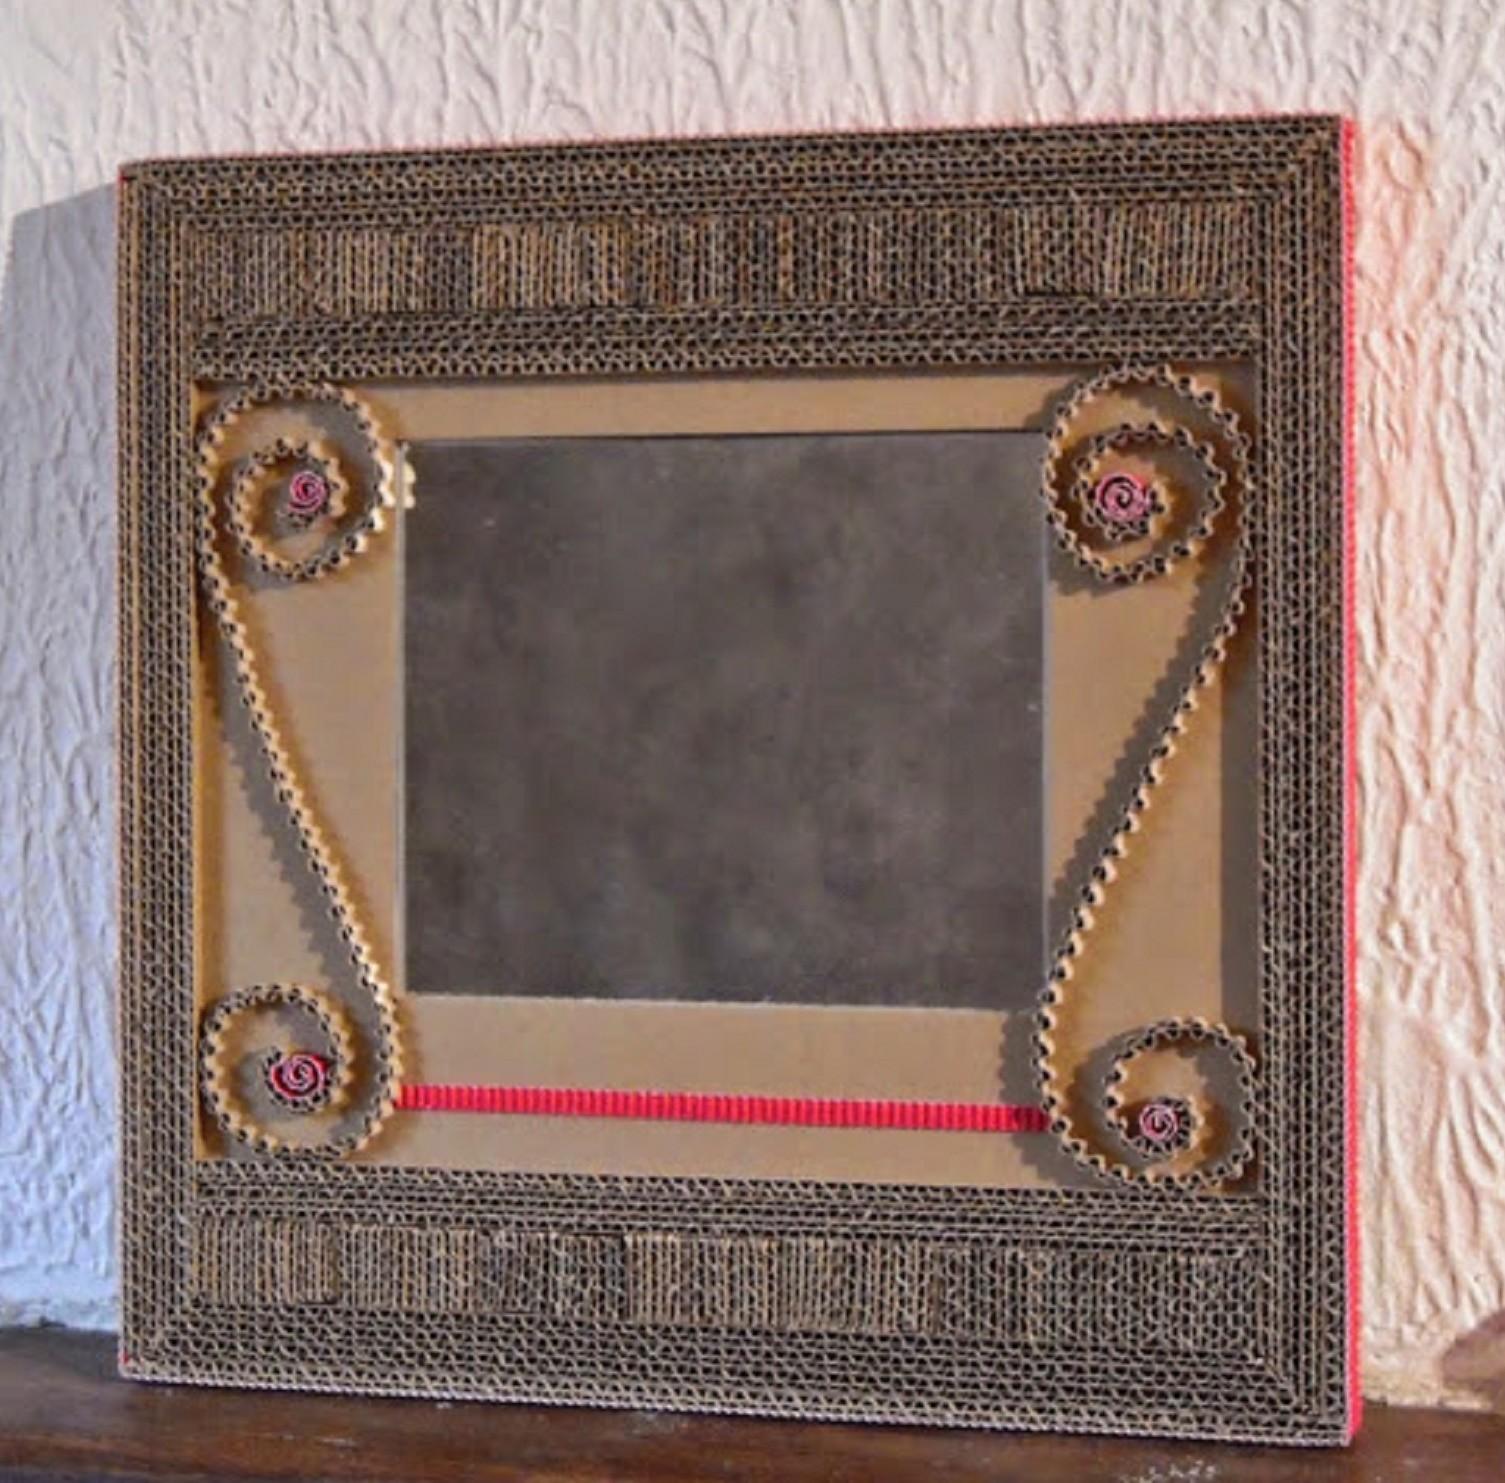 miroirs en dentelle de carton 2014 cartons patte d 39 f. Black Bedroom Furniture Sets. Home Design Ideas